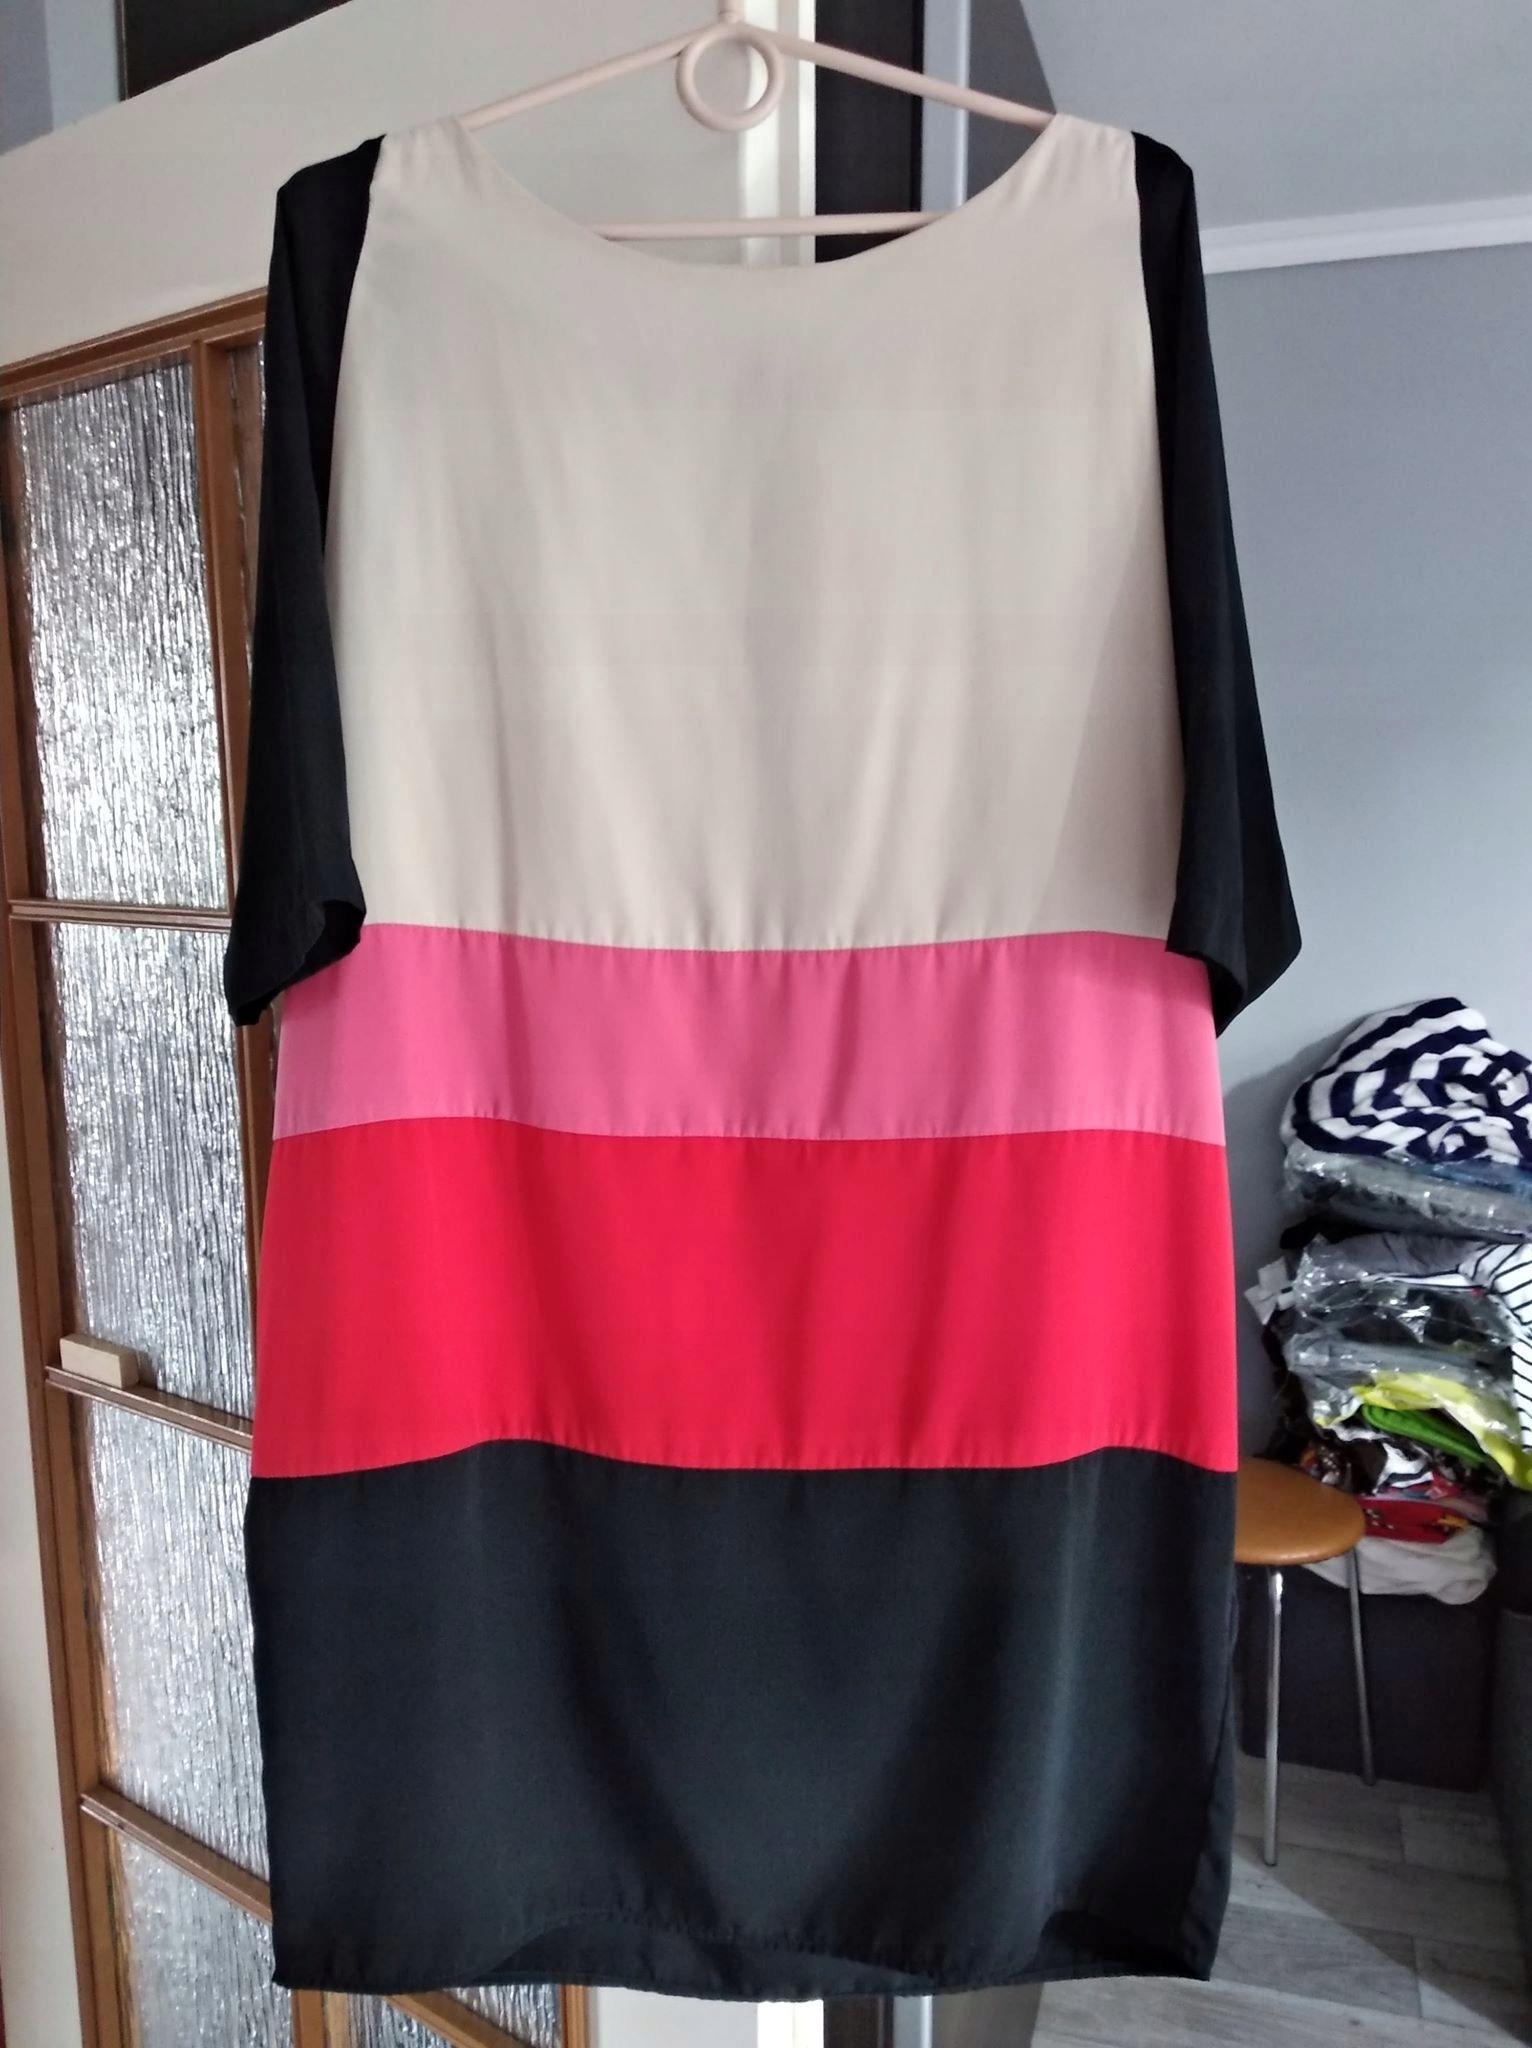 ad20db2898 Kolorowa sukienka KappAhl roz 44 - 7546926599 - oficjalne archiwum ...